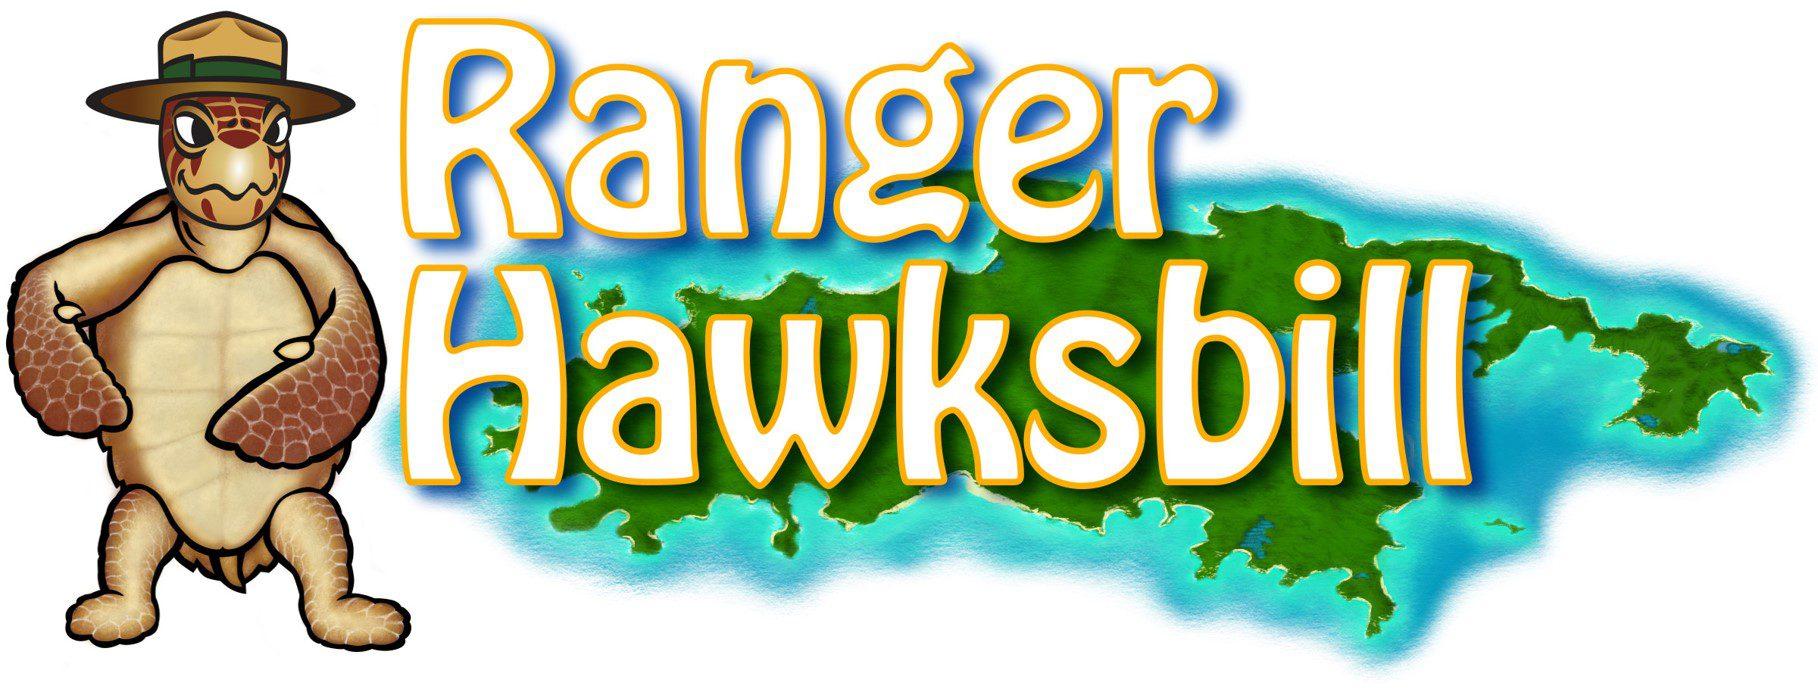 hawksbill_header